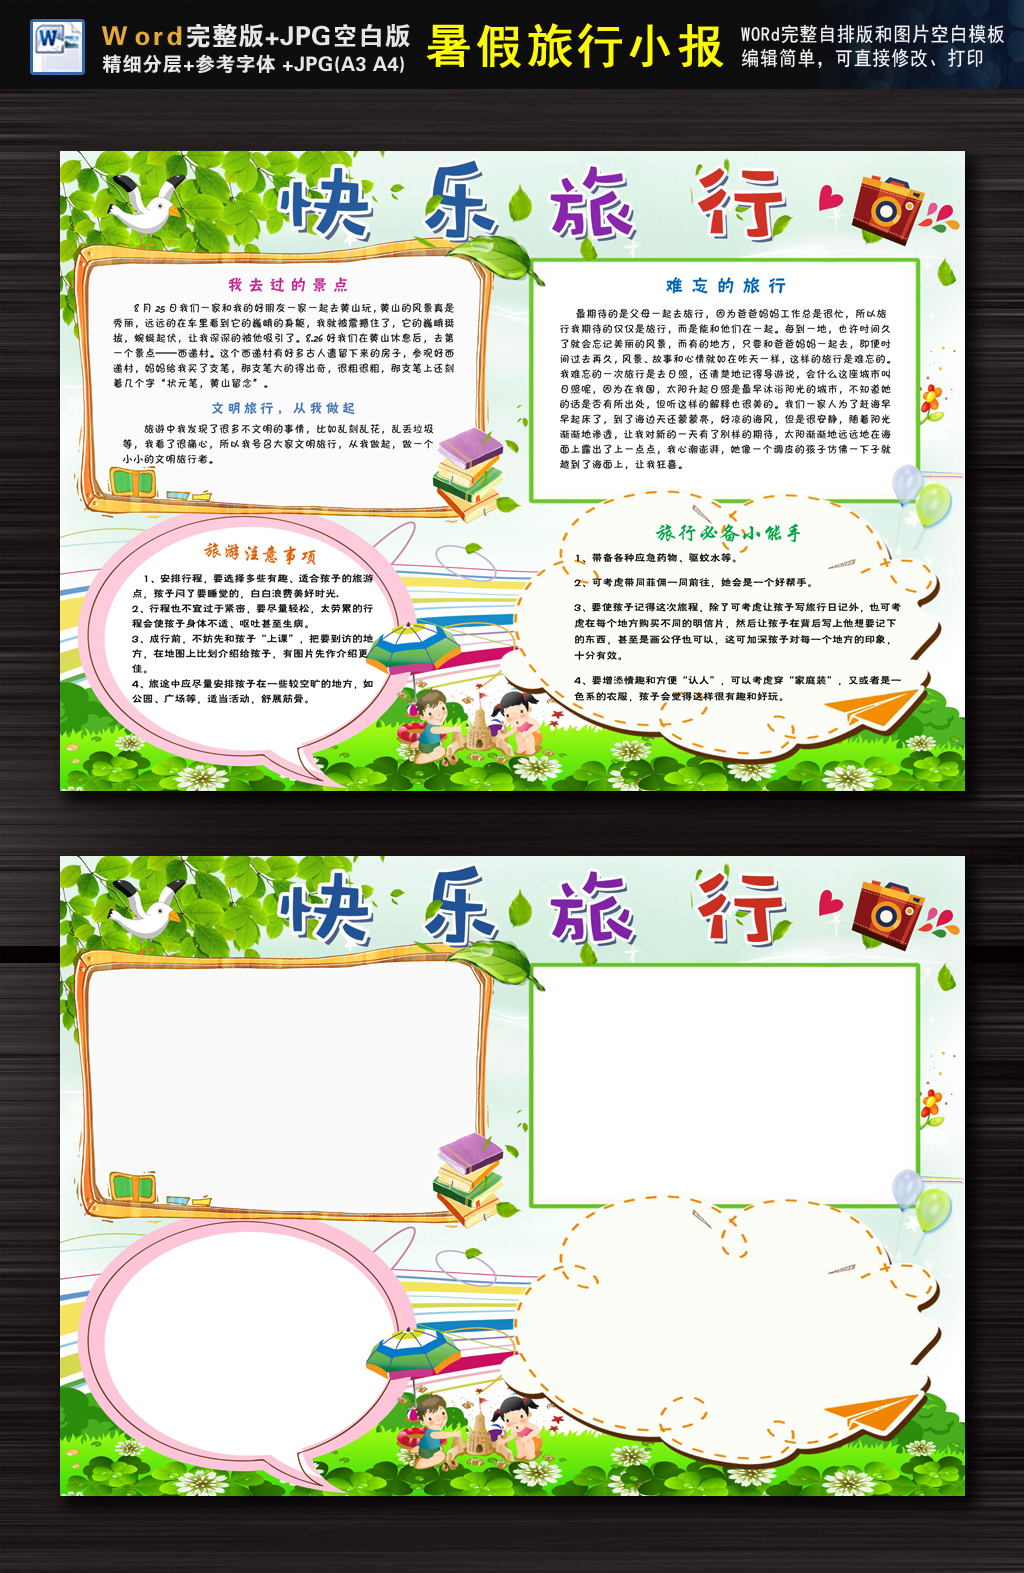 暑假旅行旅游word小报简单内容完整模板